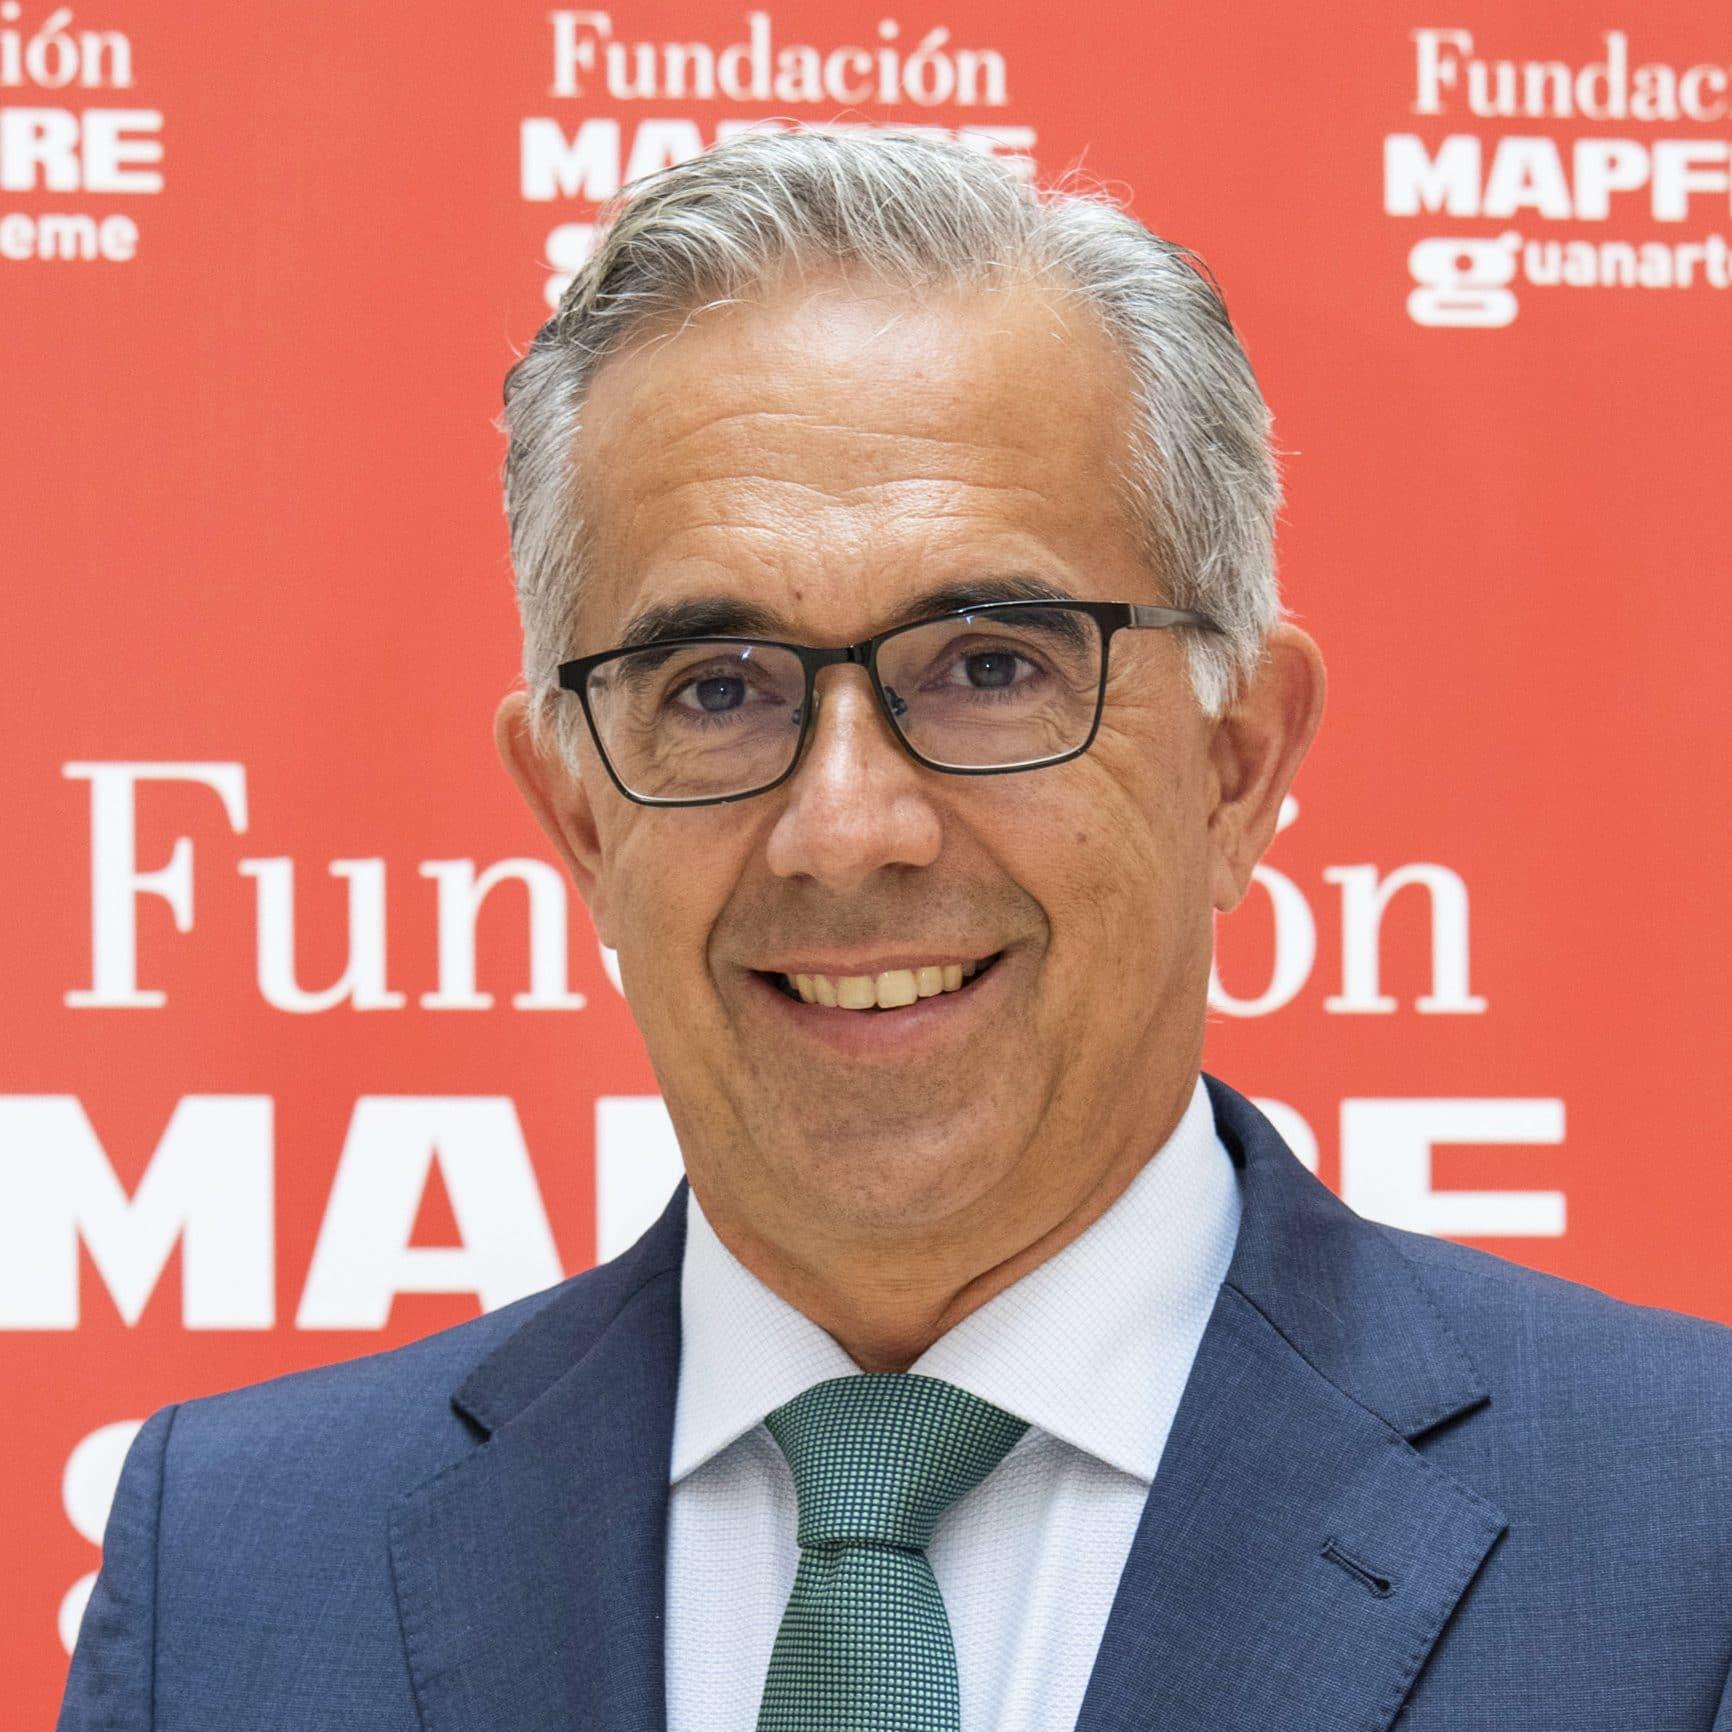 Javier Pérez Zuñiga